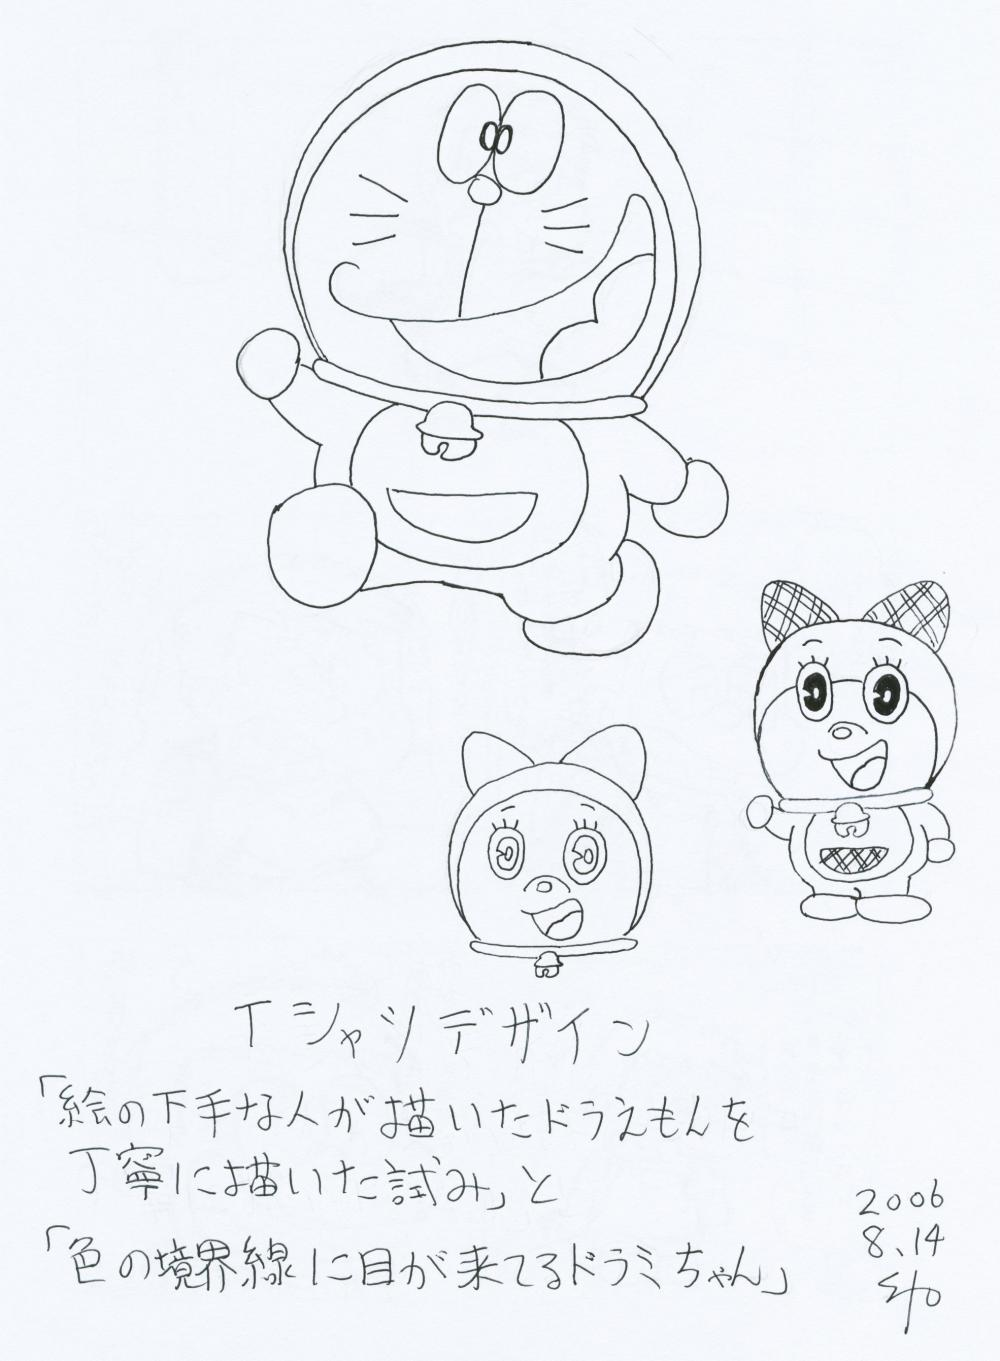 絵の下手な人が描いたドラえもんを丁寧に描く試み 2006.8.14